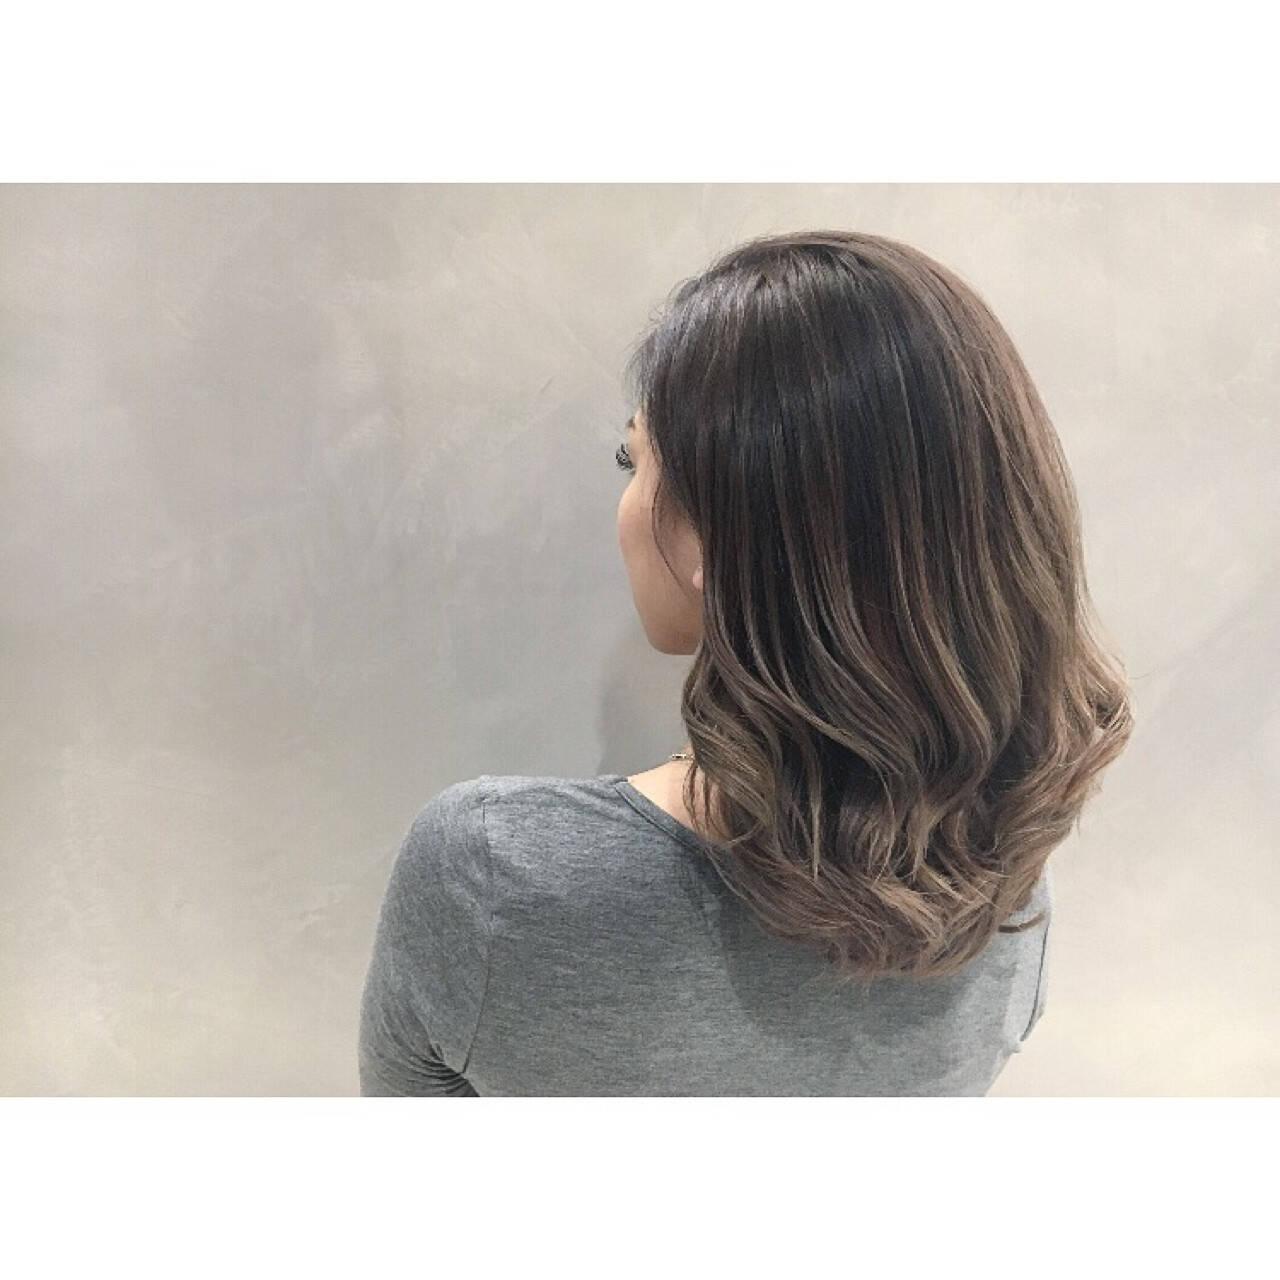 アッシュ グレージュ 外国人風 エレガントヘアスタイルや髪型の写真・画像